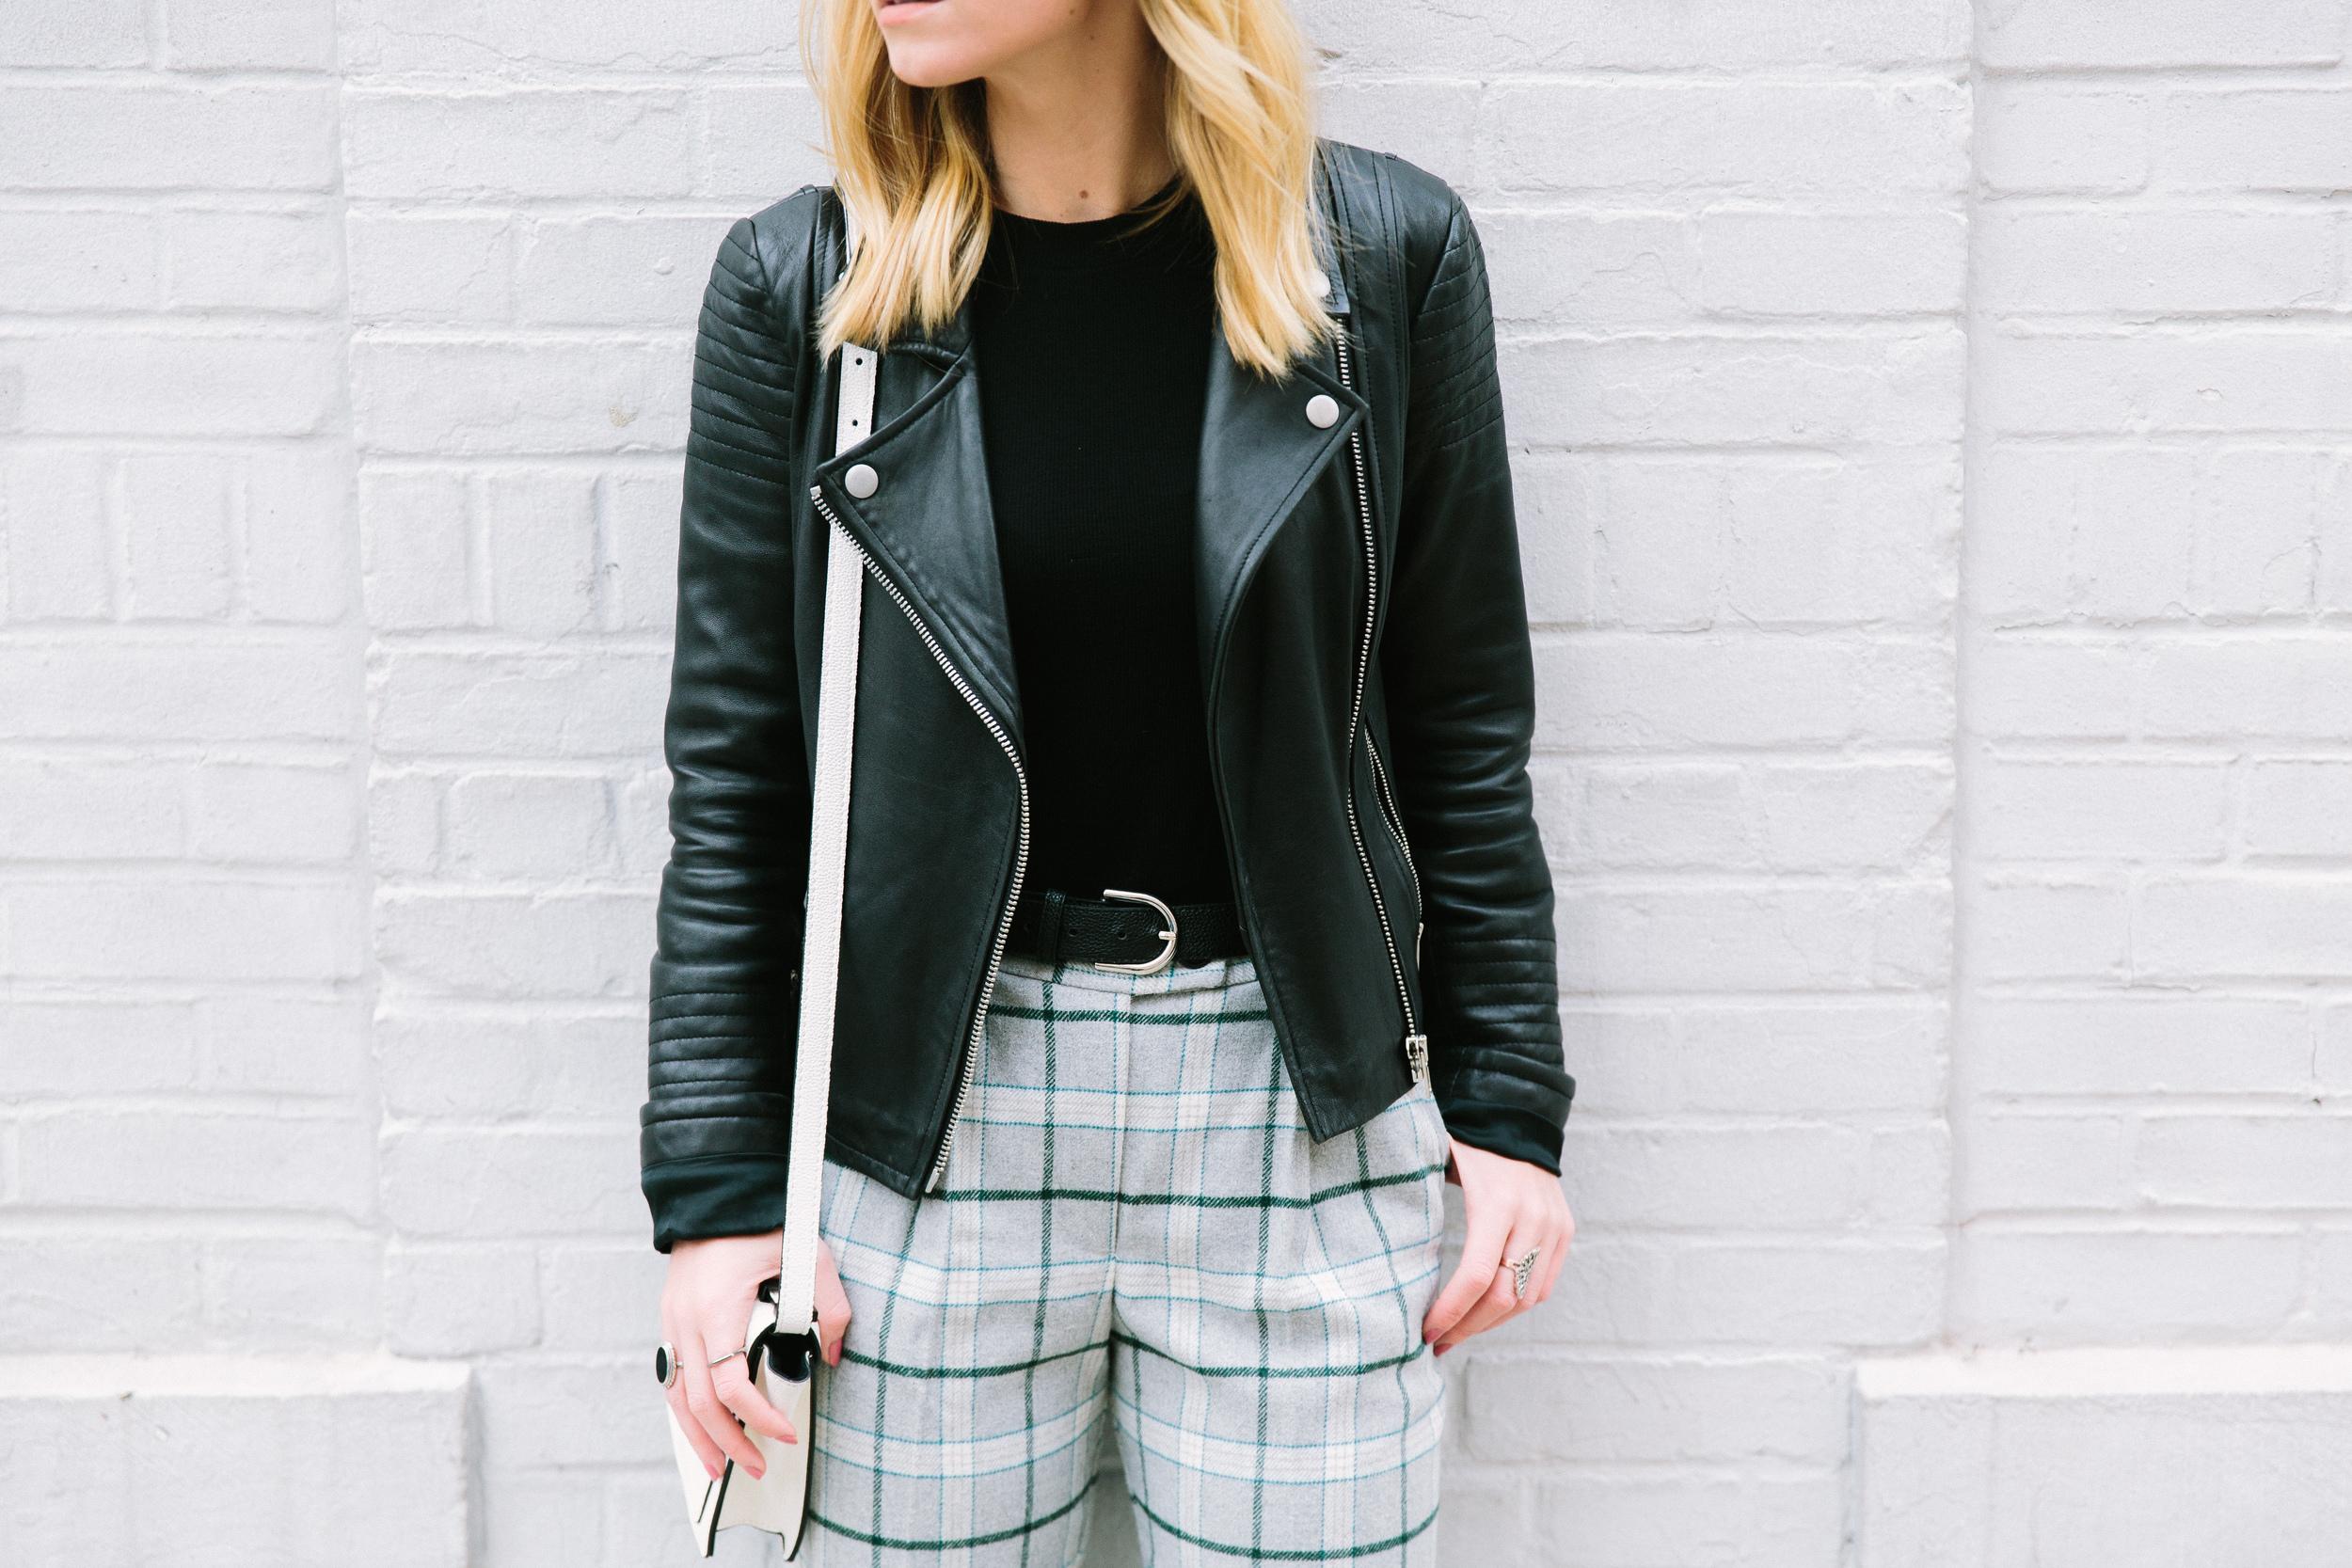 BB Dakota Leather jacket ASOS check boyfriend peg pants